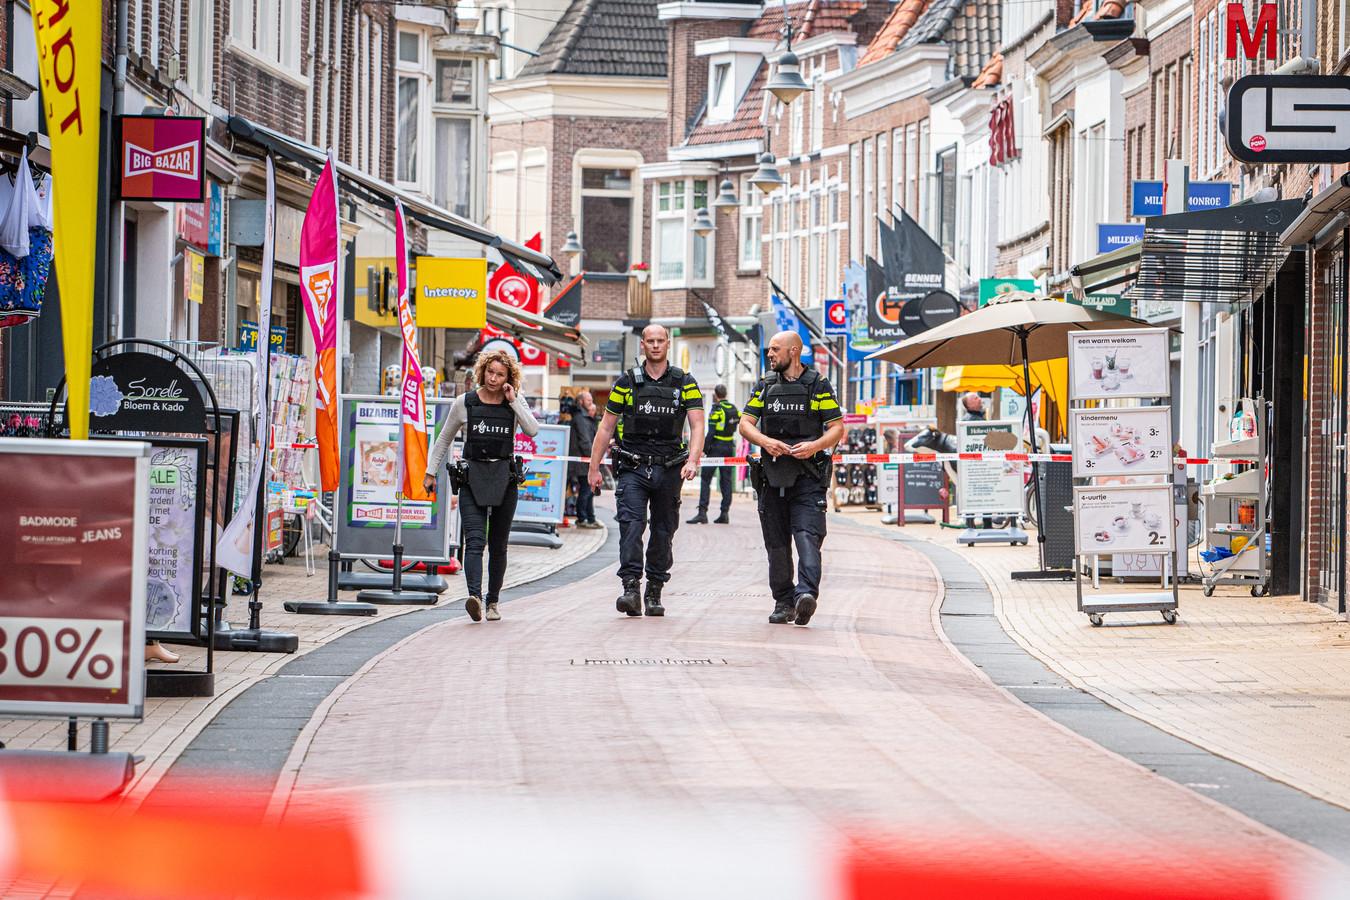 Stichting Steenwijk Vestingstad wil dat de winkels vanaf 3 maart weer open mogen.